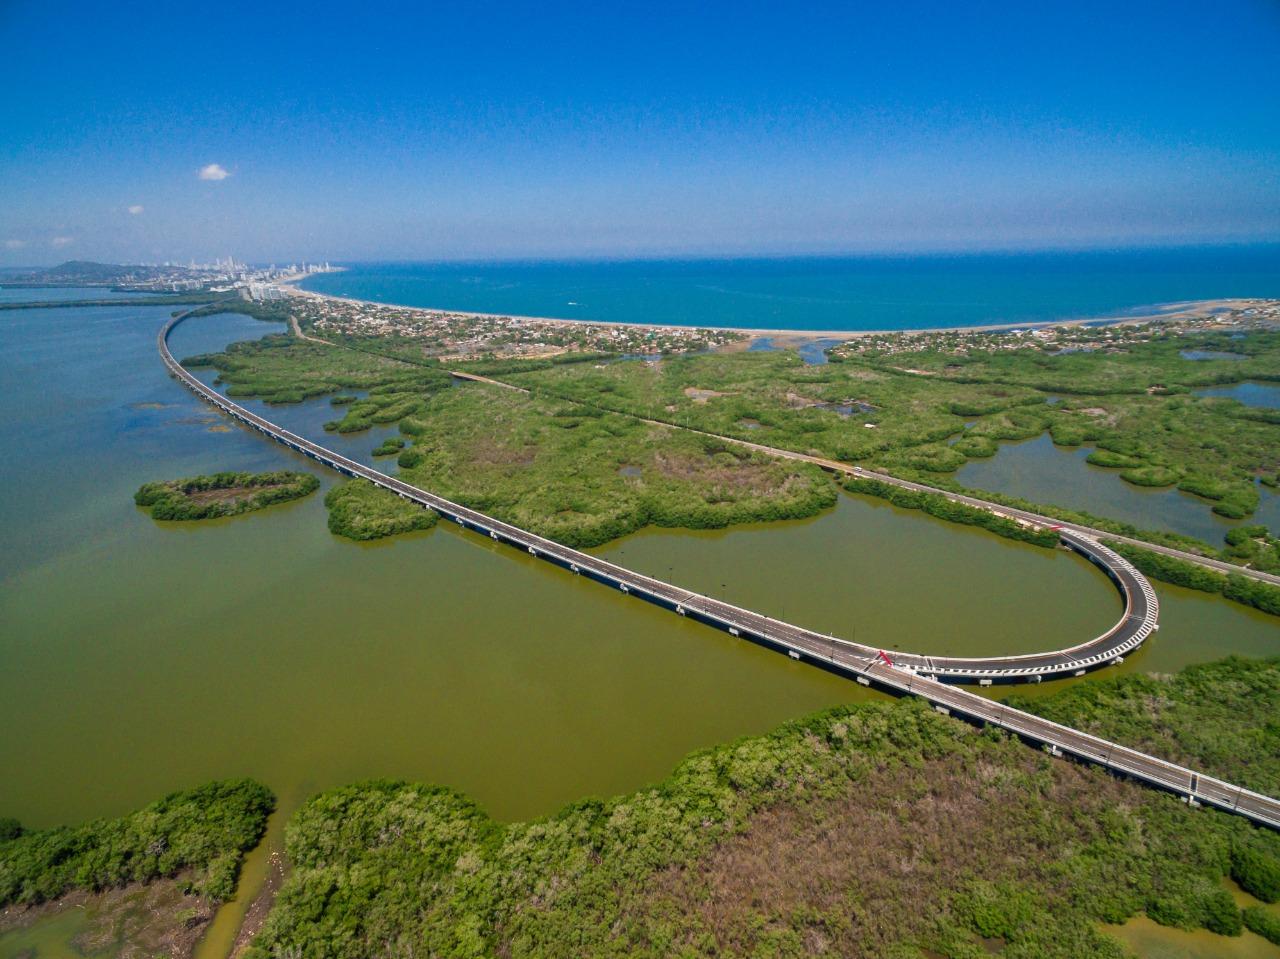 La Concesión Costera Cartagena-Barranquilla es nominada al premio 'Transport Deal of the Year' por la revista Infrastructure Investor